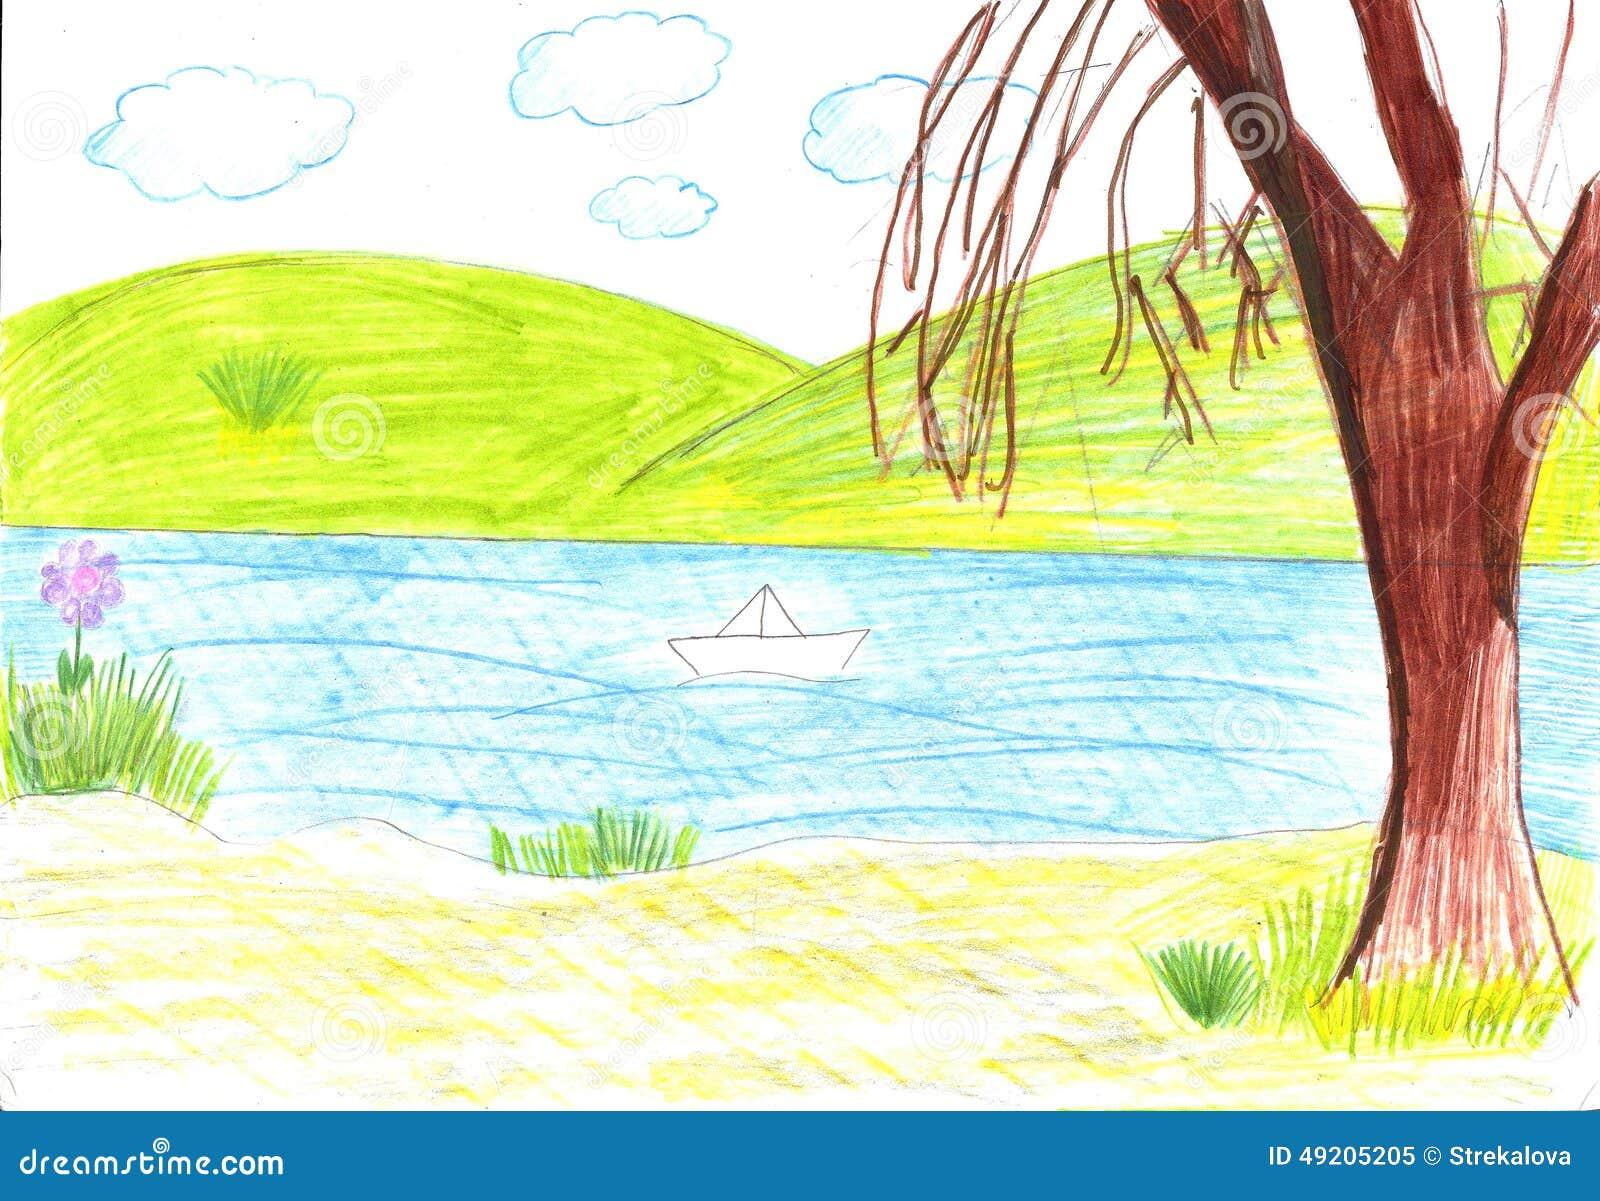 Dessin d 39 enfant du bateau de papier illustration stock illustration du grand image 49205205 - Dessin bateau enfant ...